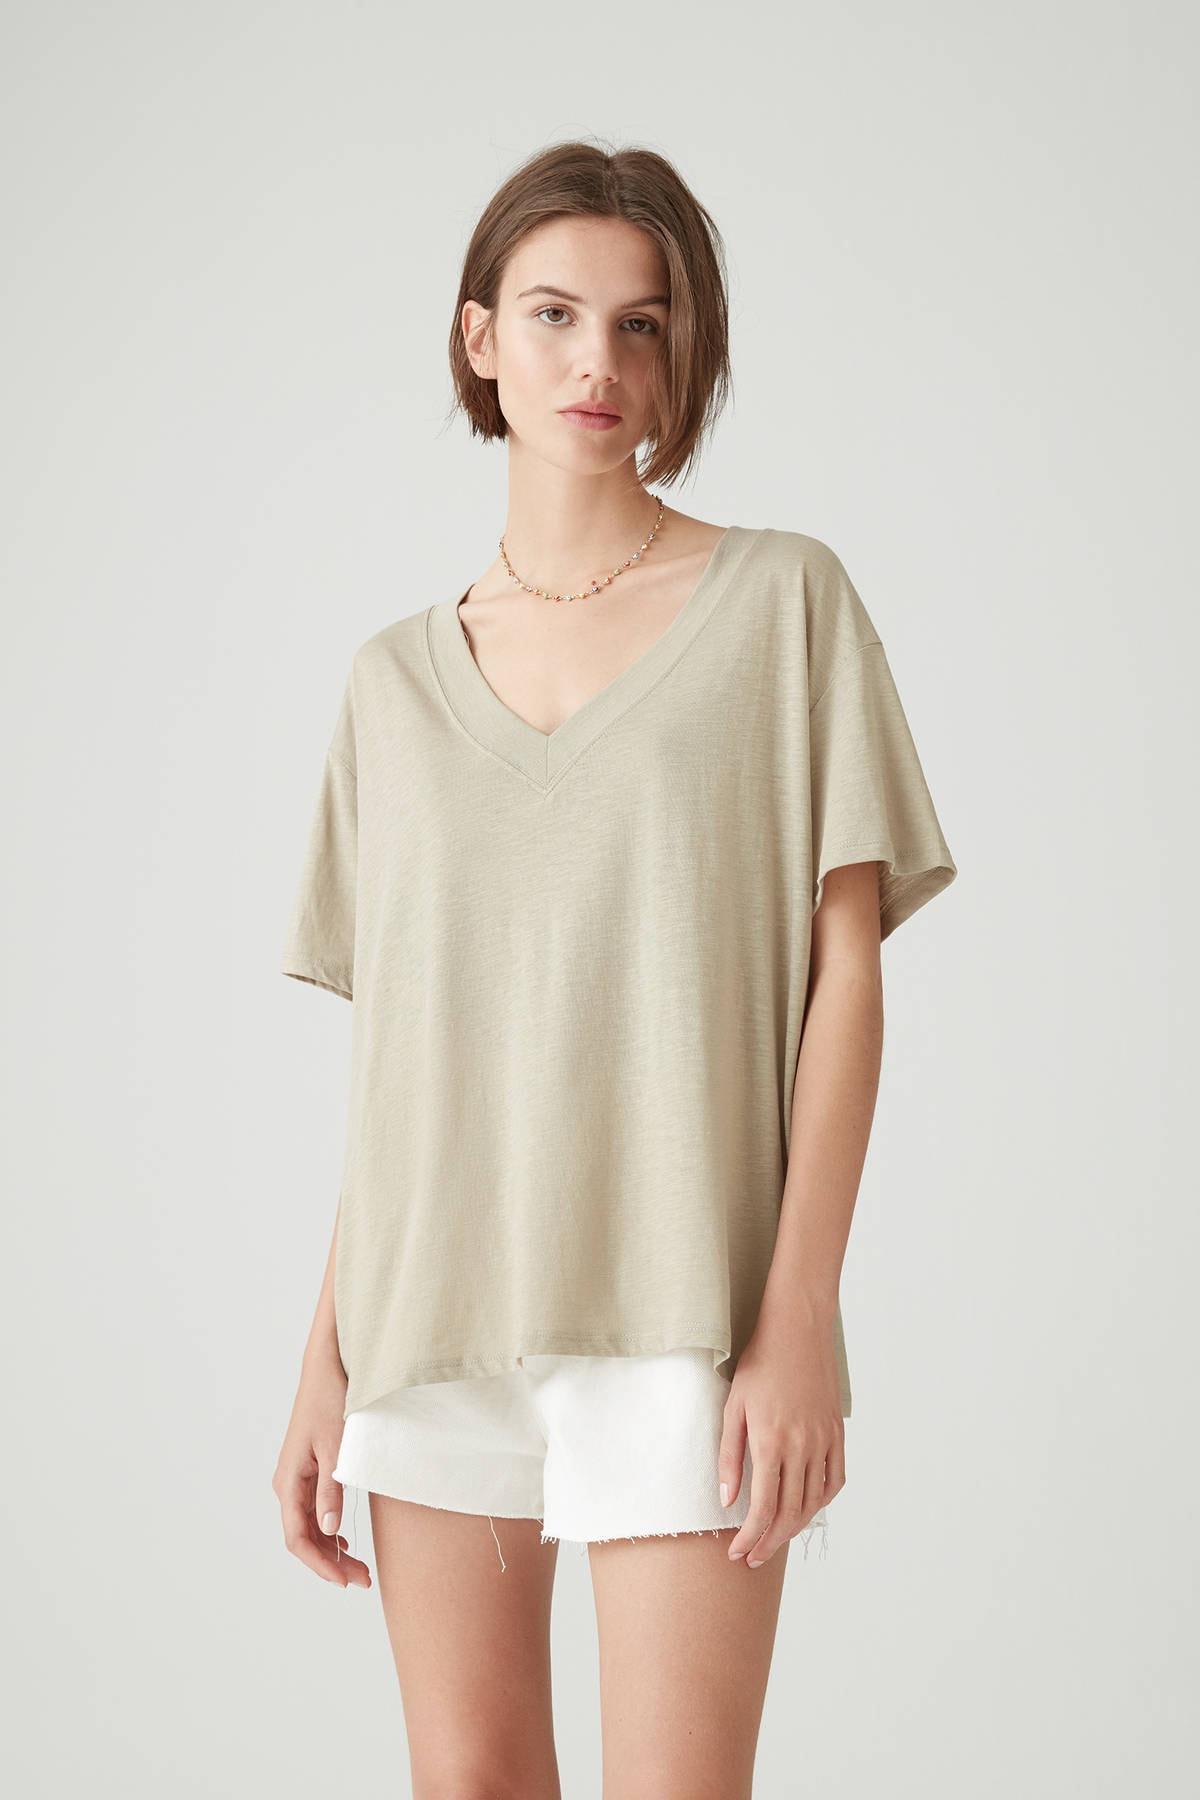 Pull & Bear Kadın Açık Haki Basic Oversize Düğümlü Örgü T-Shirt 05236324 0